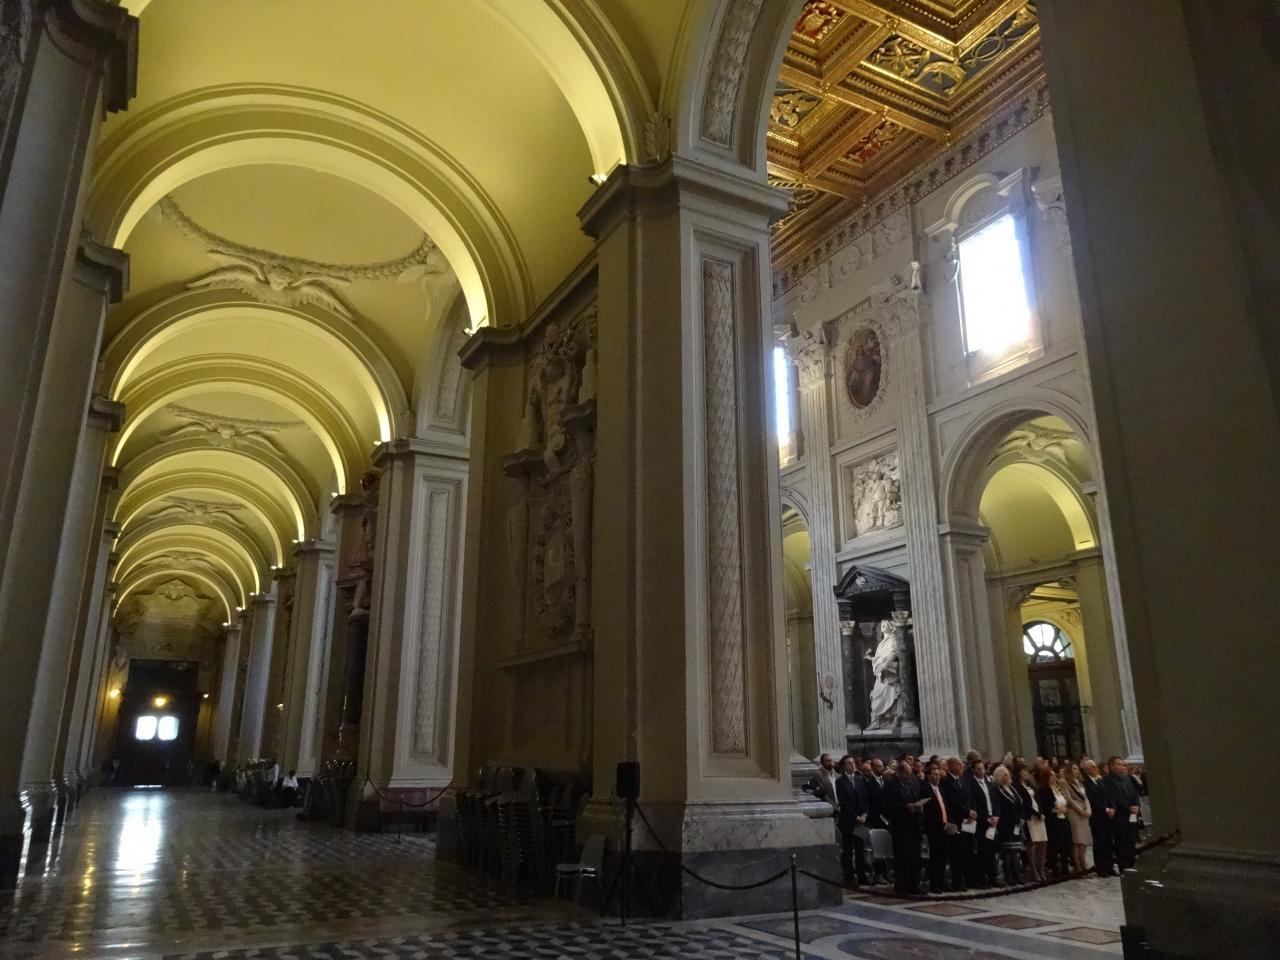 サン・ジョバンニ・イン・ラテラノ大聖堂の画像 p1_28